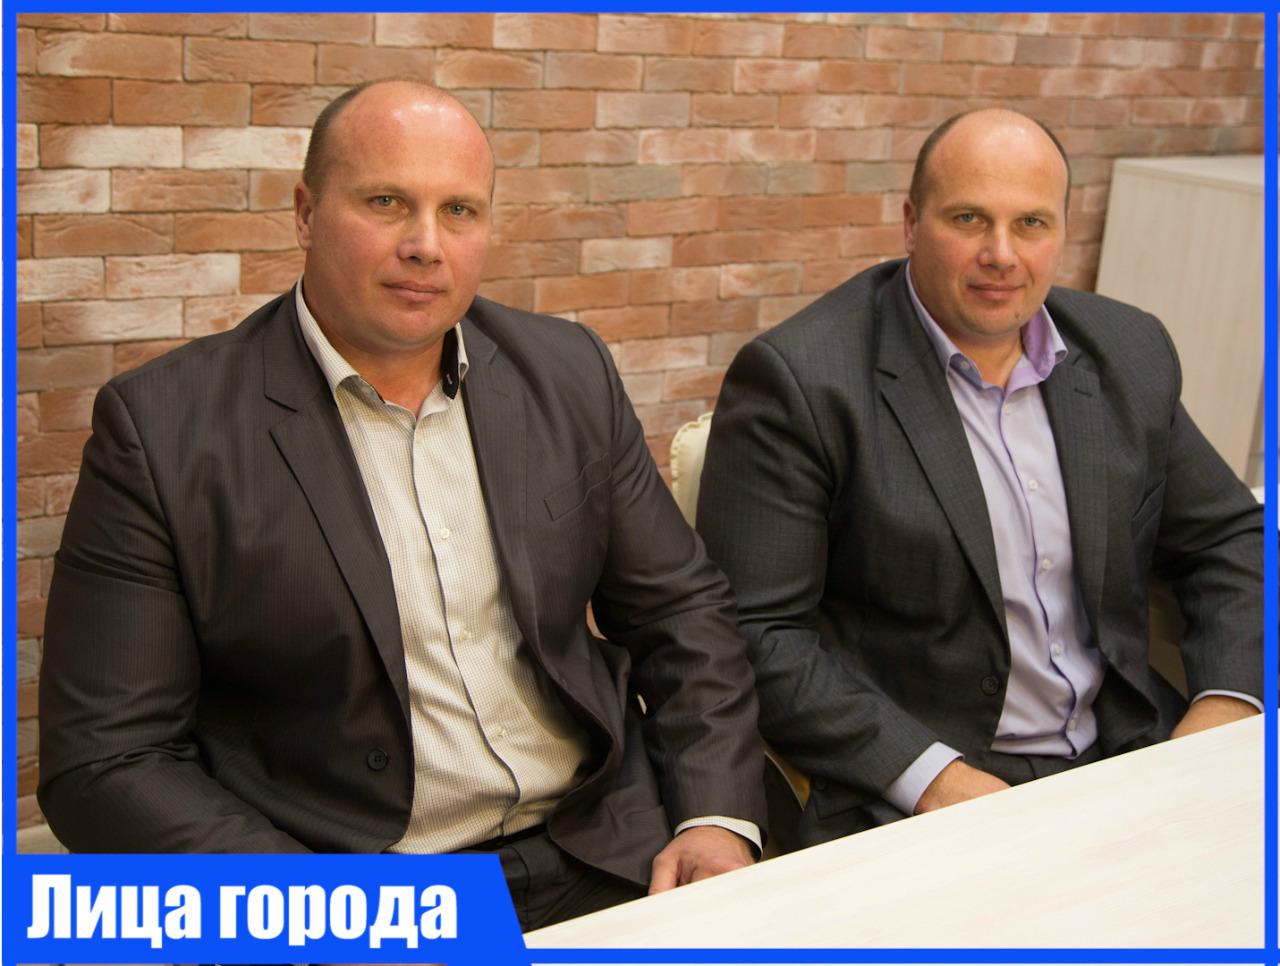 Мы нашли много странностей в том, как фонд Натальи Водяновой строит в Ростове свой спортивный объект, - братья Мильченко